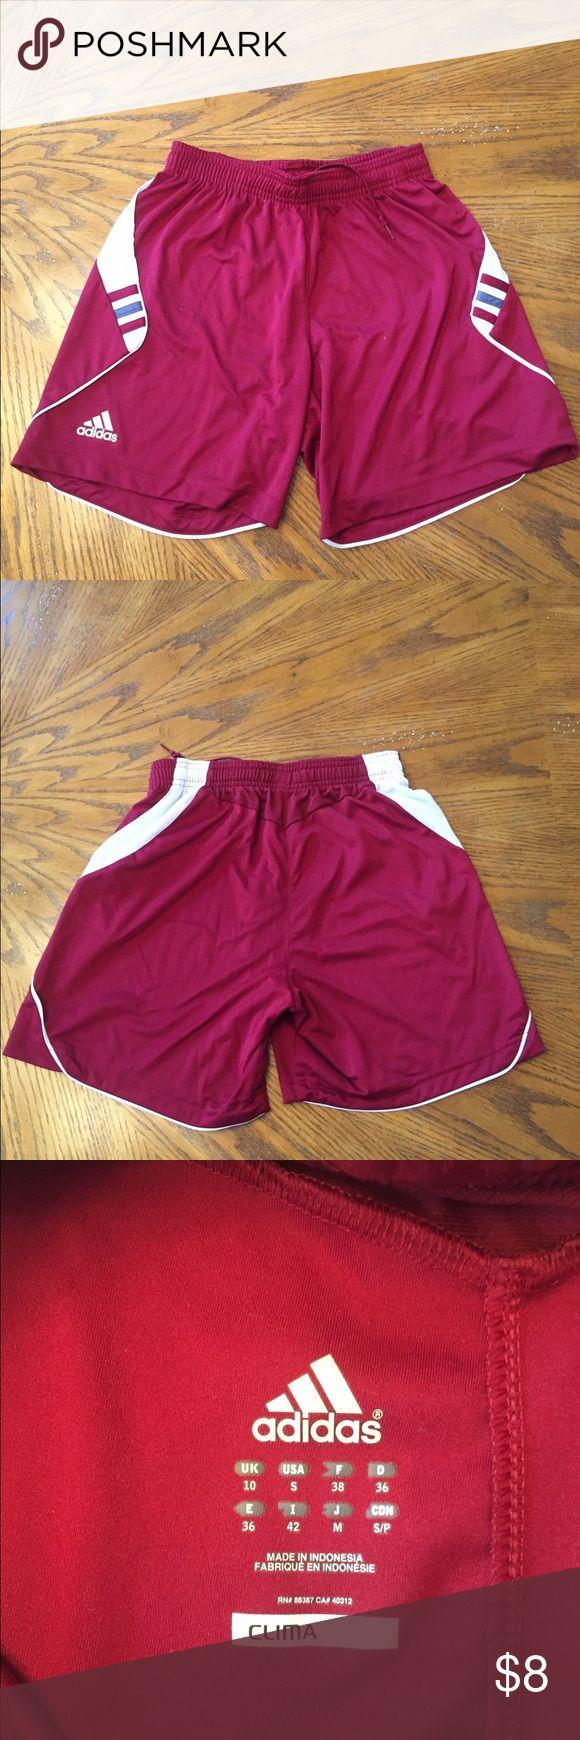 Adidas Maroon Shorts Adidas Shorts. Very soft material, longer than most women's shorts. Very comfortable! Adidas Shorts